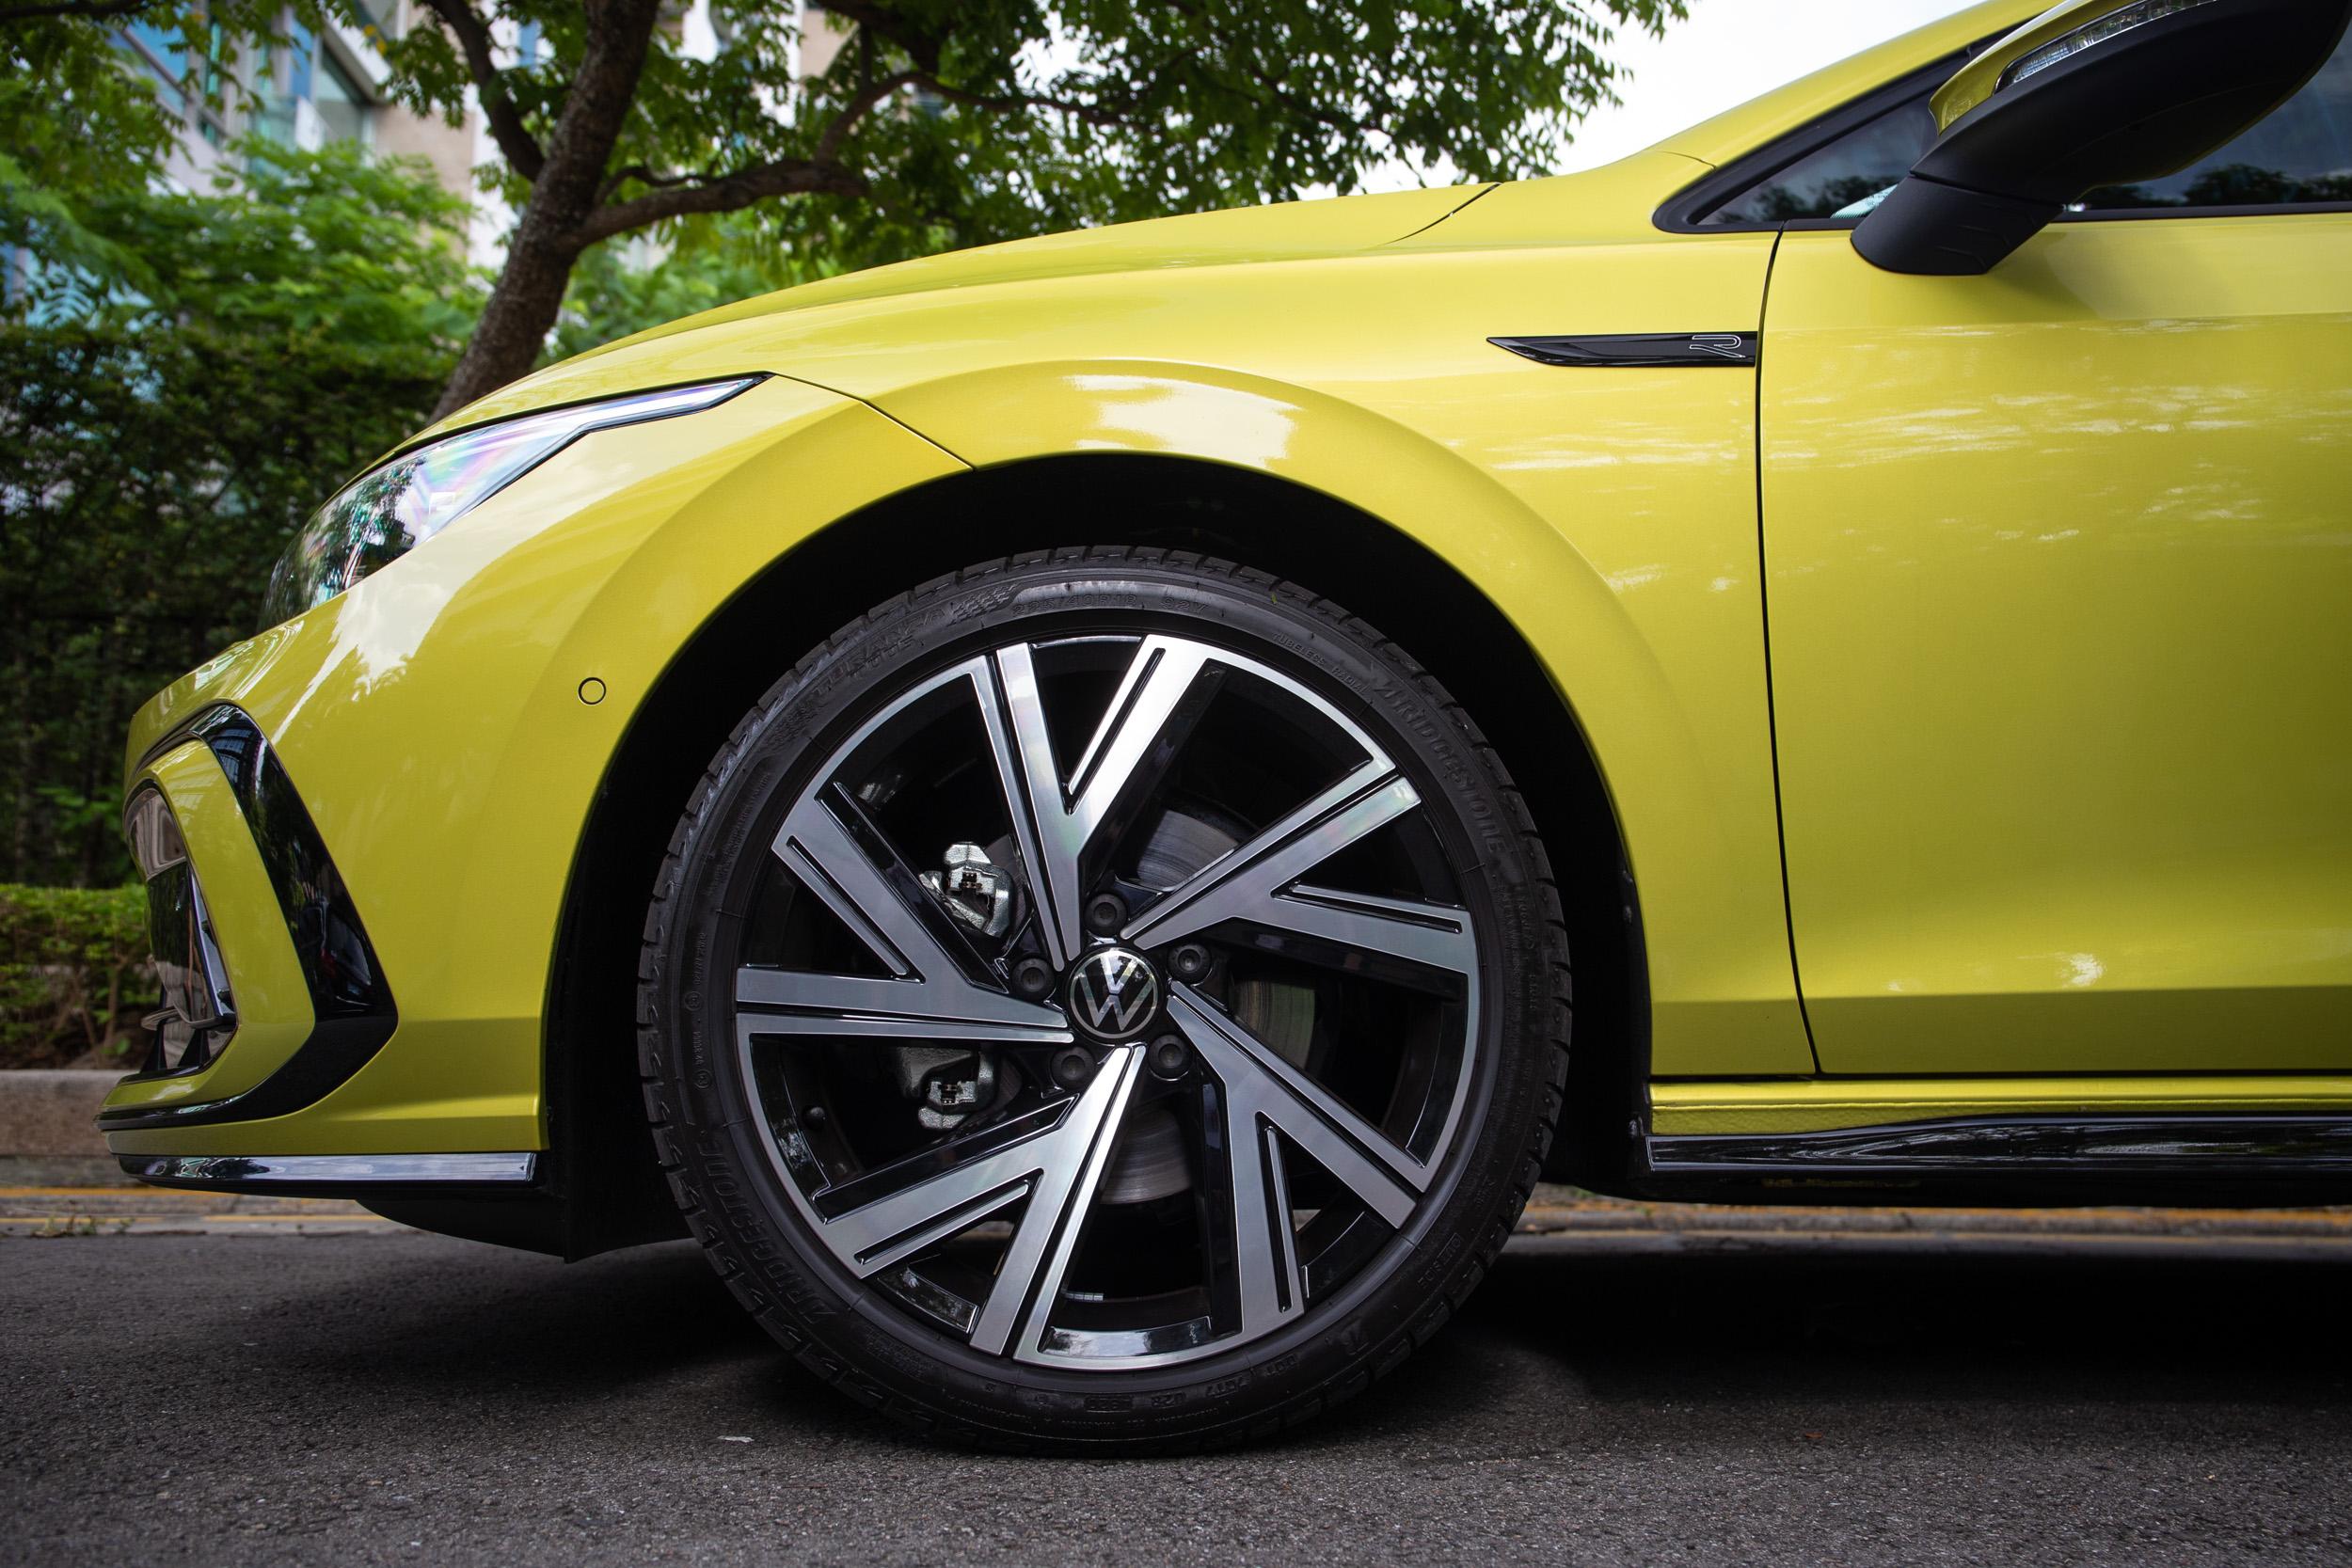 280 車型皆配備 18 吋輪圈,輪胎規格為 225/40R18。